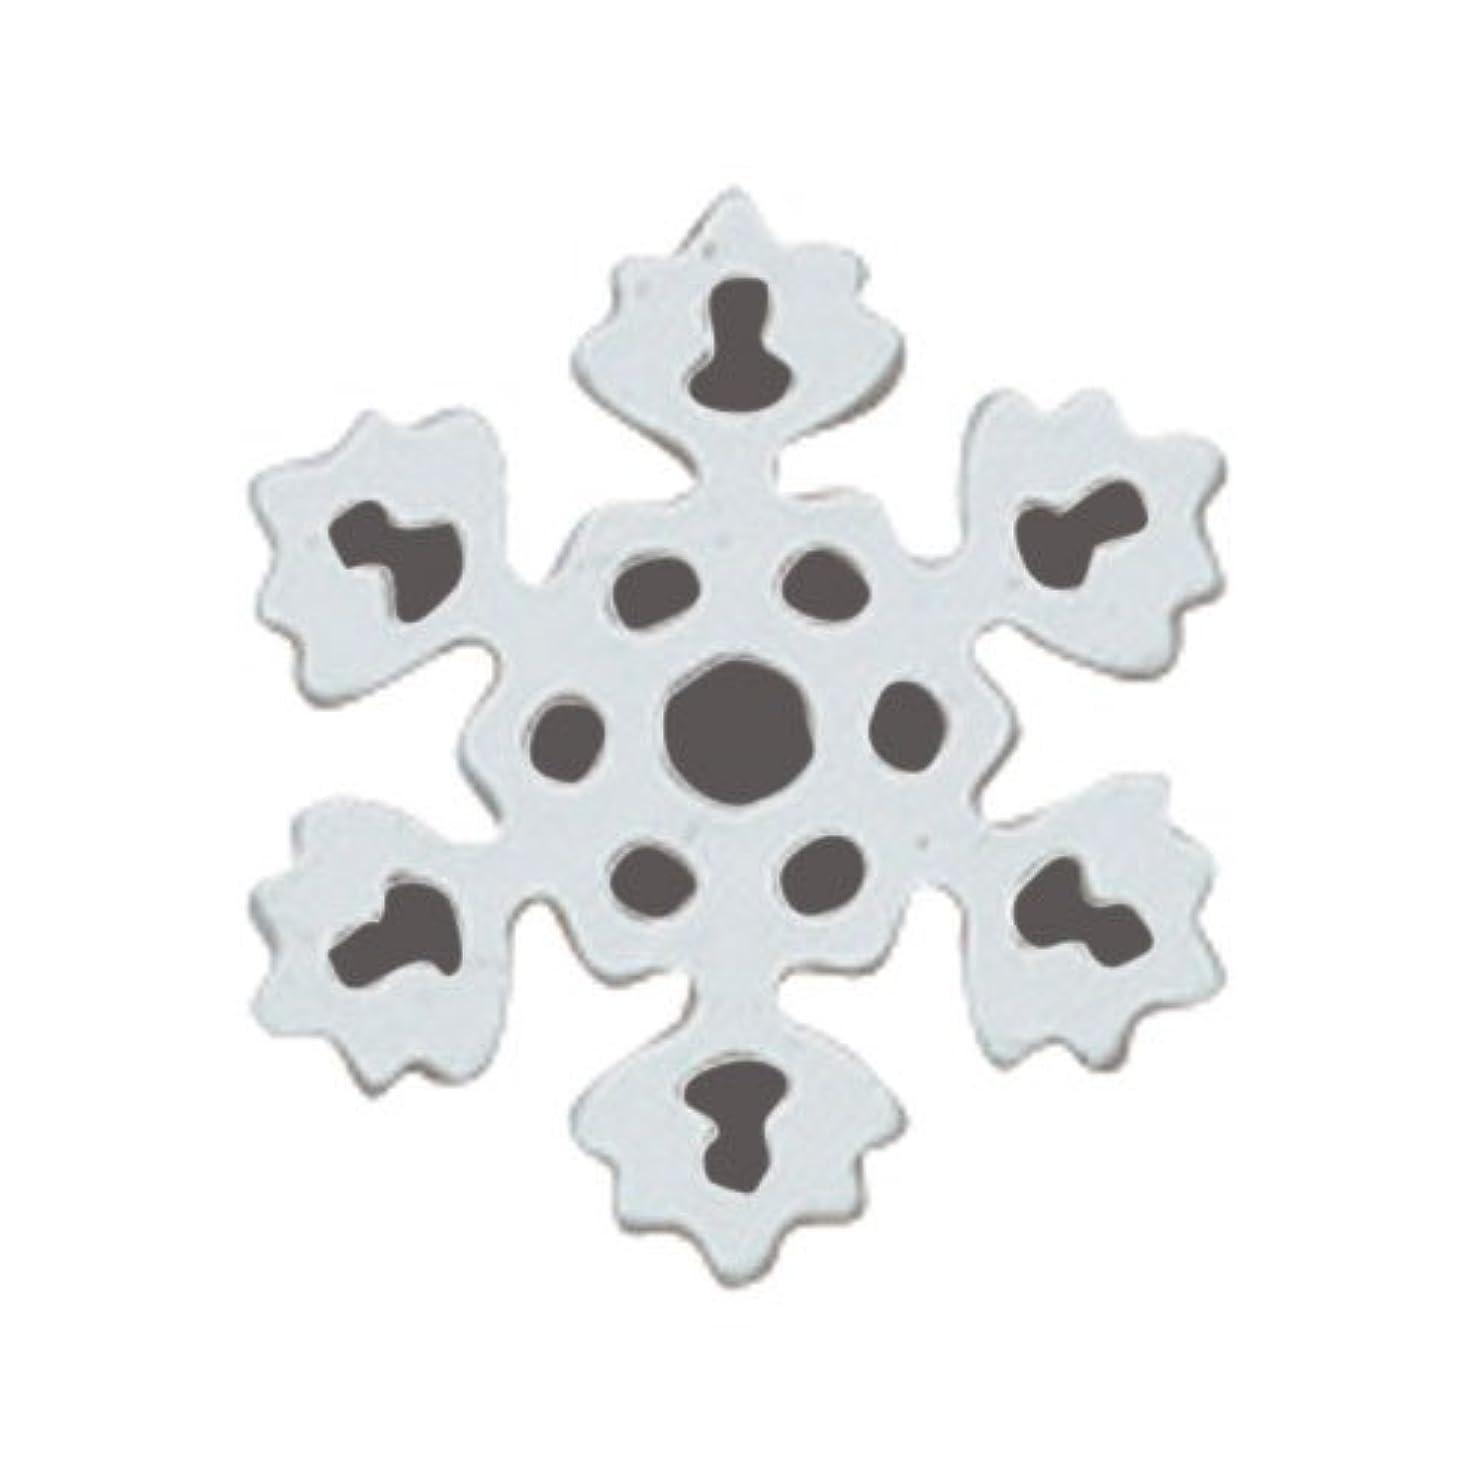 地下エクステント謎めいたリトルプリティー ネイルアートパーツ PWスノーホワイト S 10個